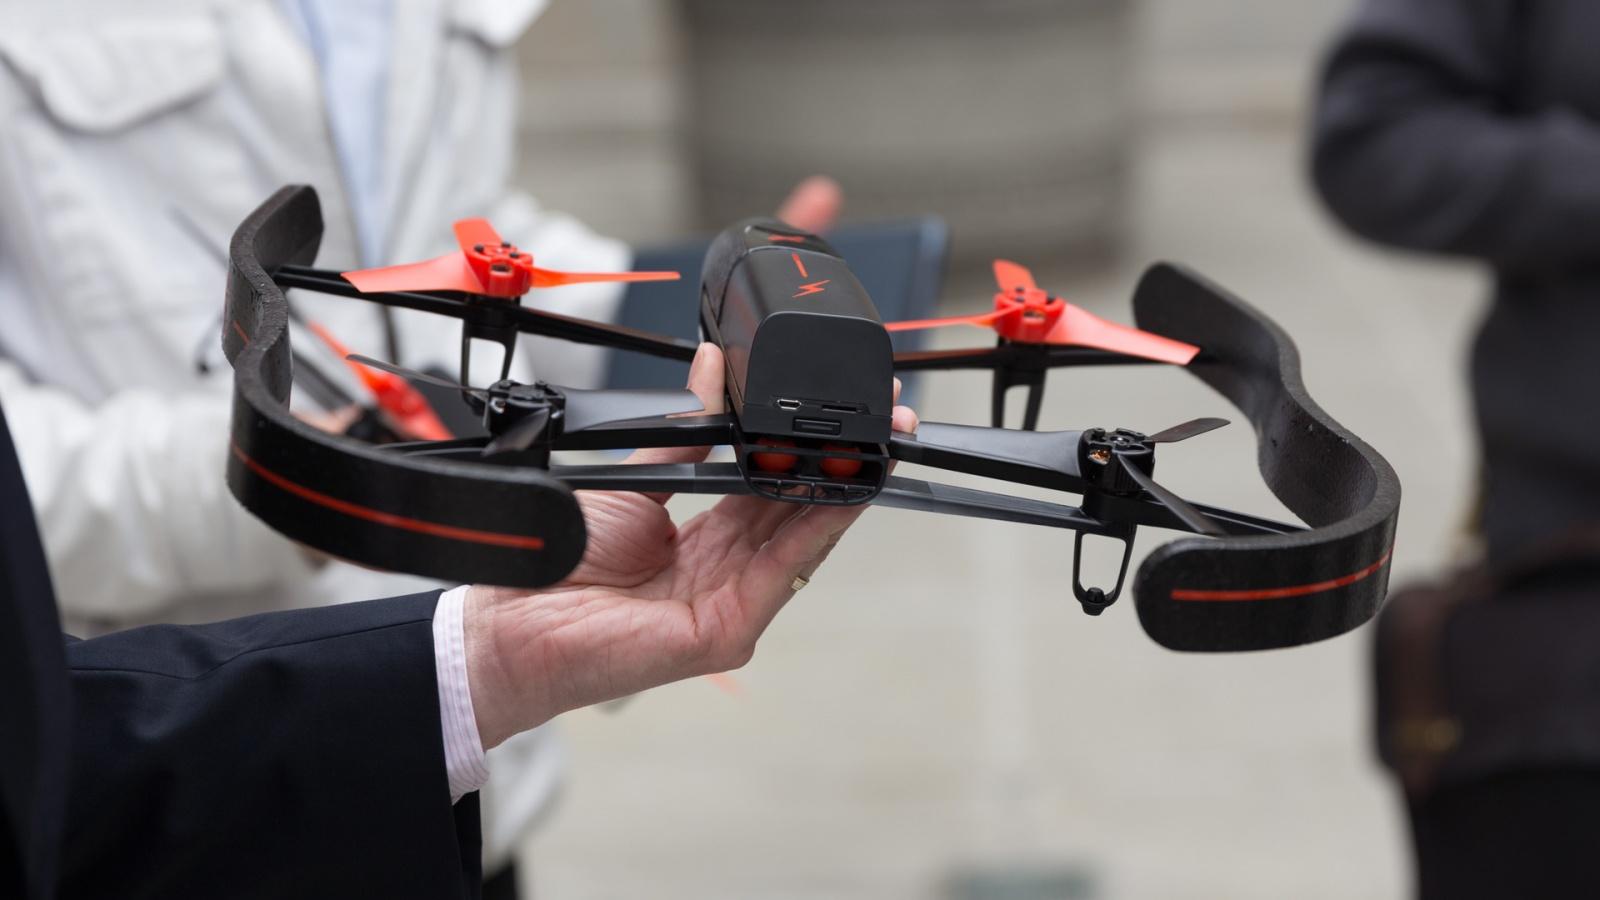 Бюджетный квадрокоптер Parrot Bebop с FullHD-камерой выйдет в декабре - 1